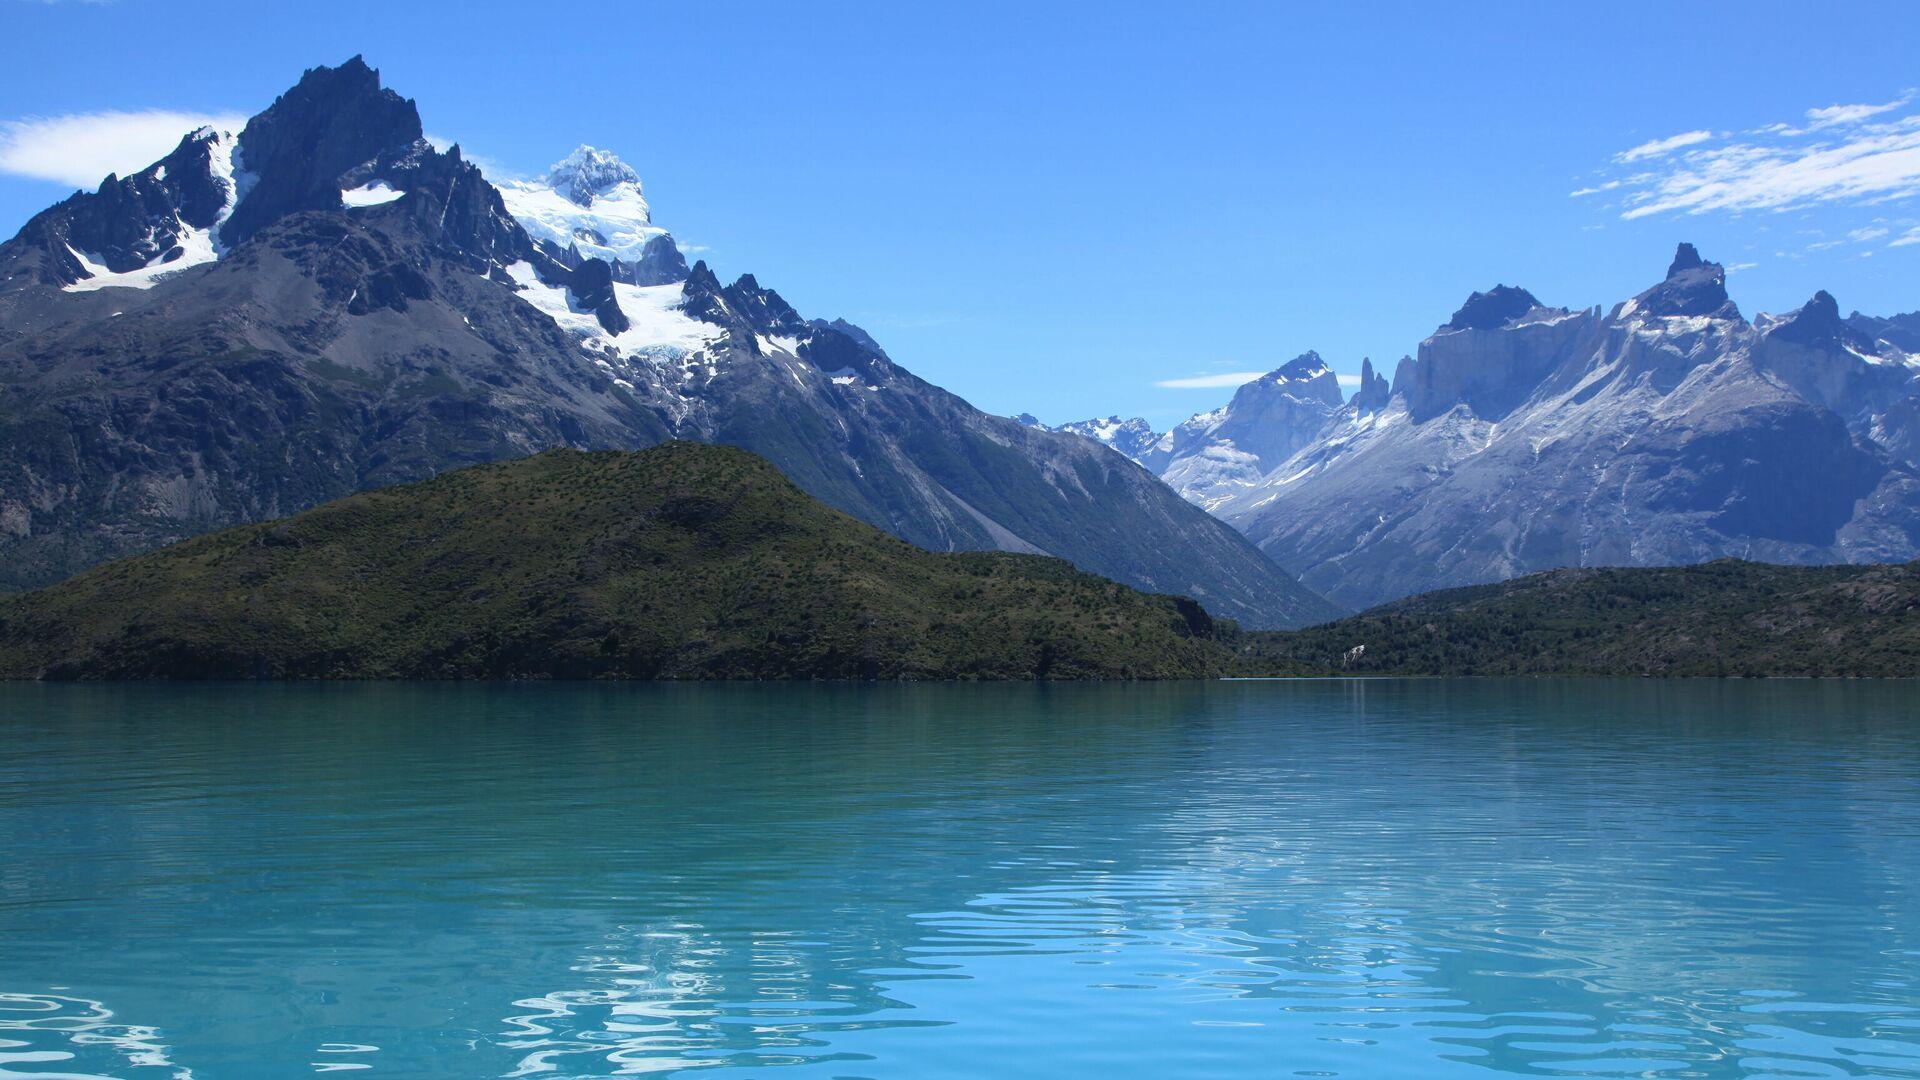 Озеро Пеоэ в национальном парке Торрес-дель-Пайне на юге Чили - РИА Новости, 1920, 24.01.2021